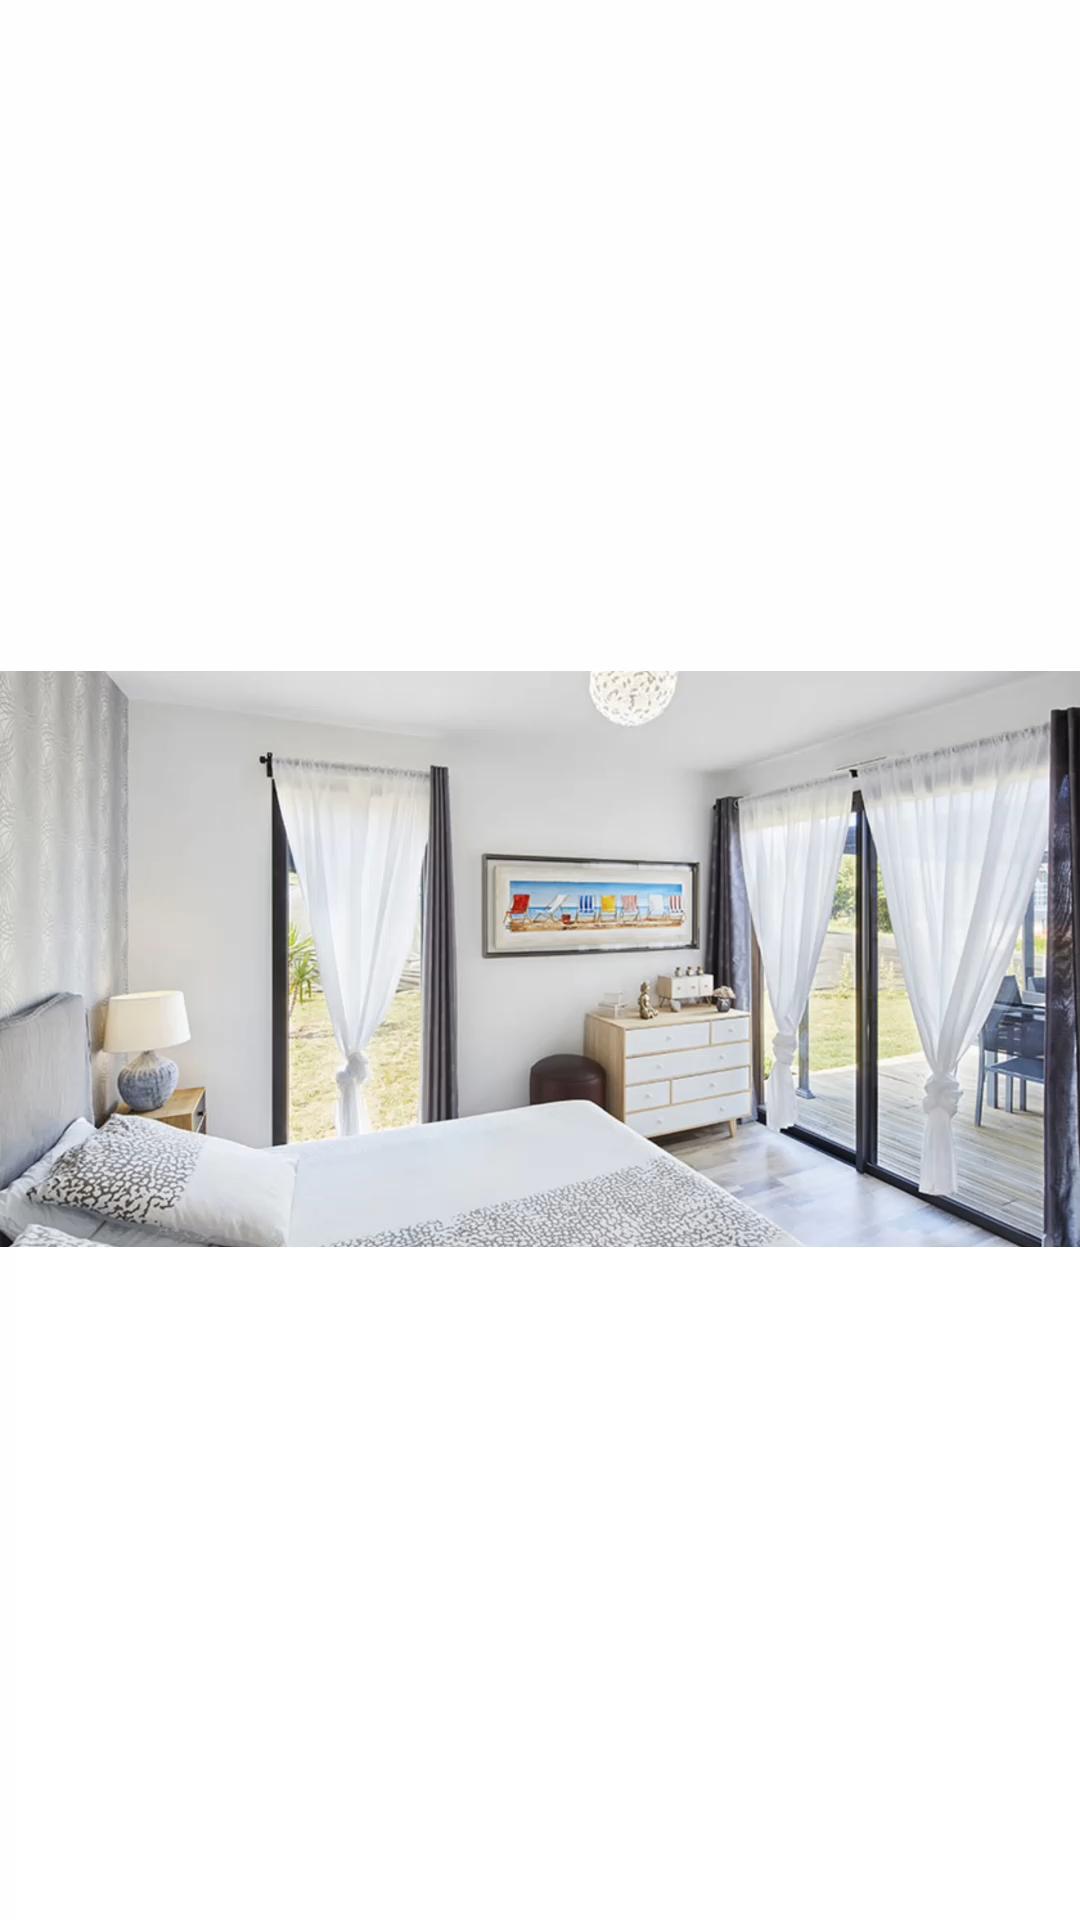 #trecobois #chambre #ideechambre #inspiration #passiondeco #decoration #amenagement #constructionmaison #construction #travaux #maison #lifestyle #archi #decointerieure